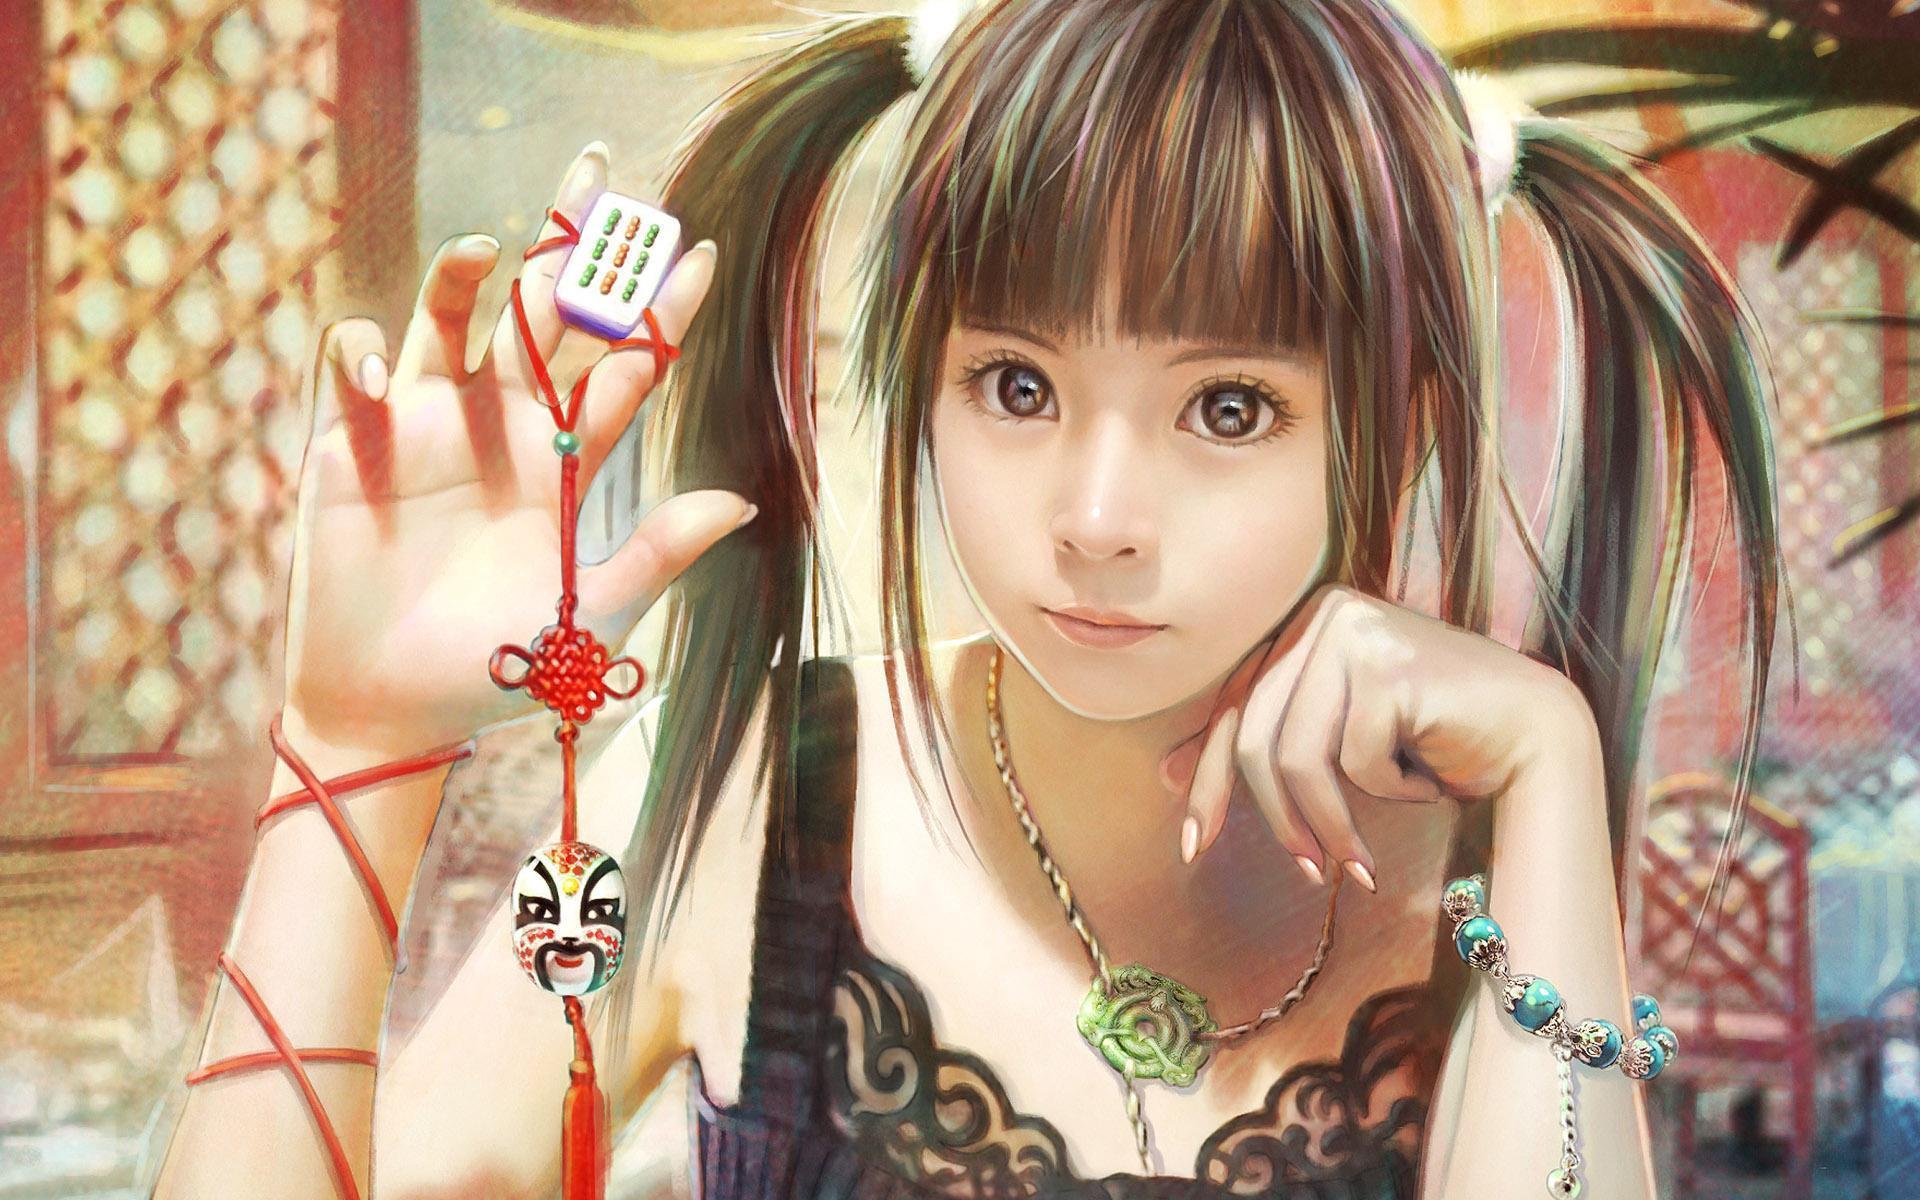 taiwan girl Beautiful taiwan 1920x1200